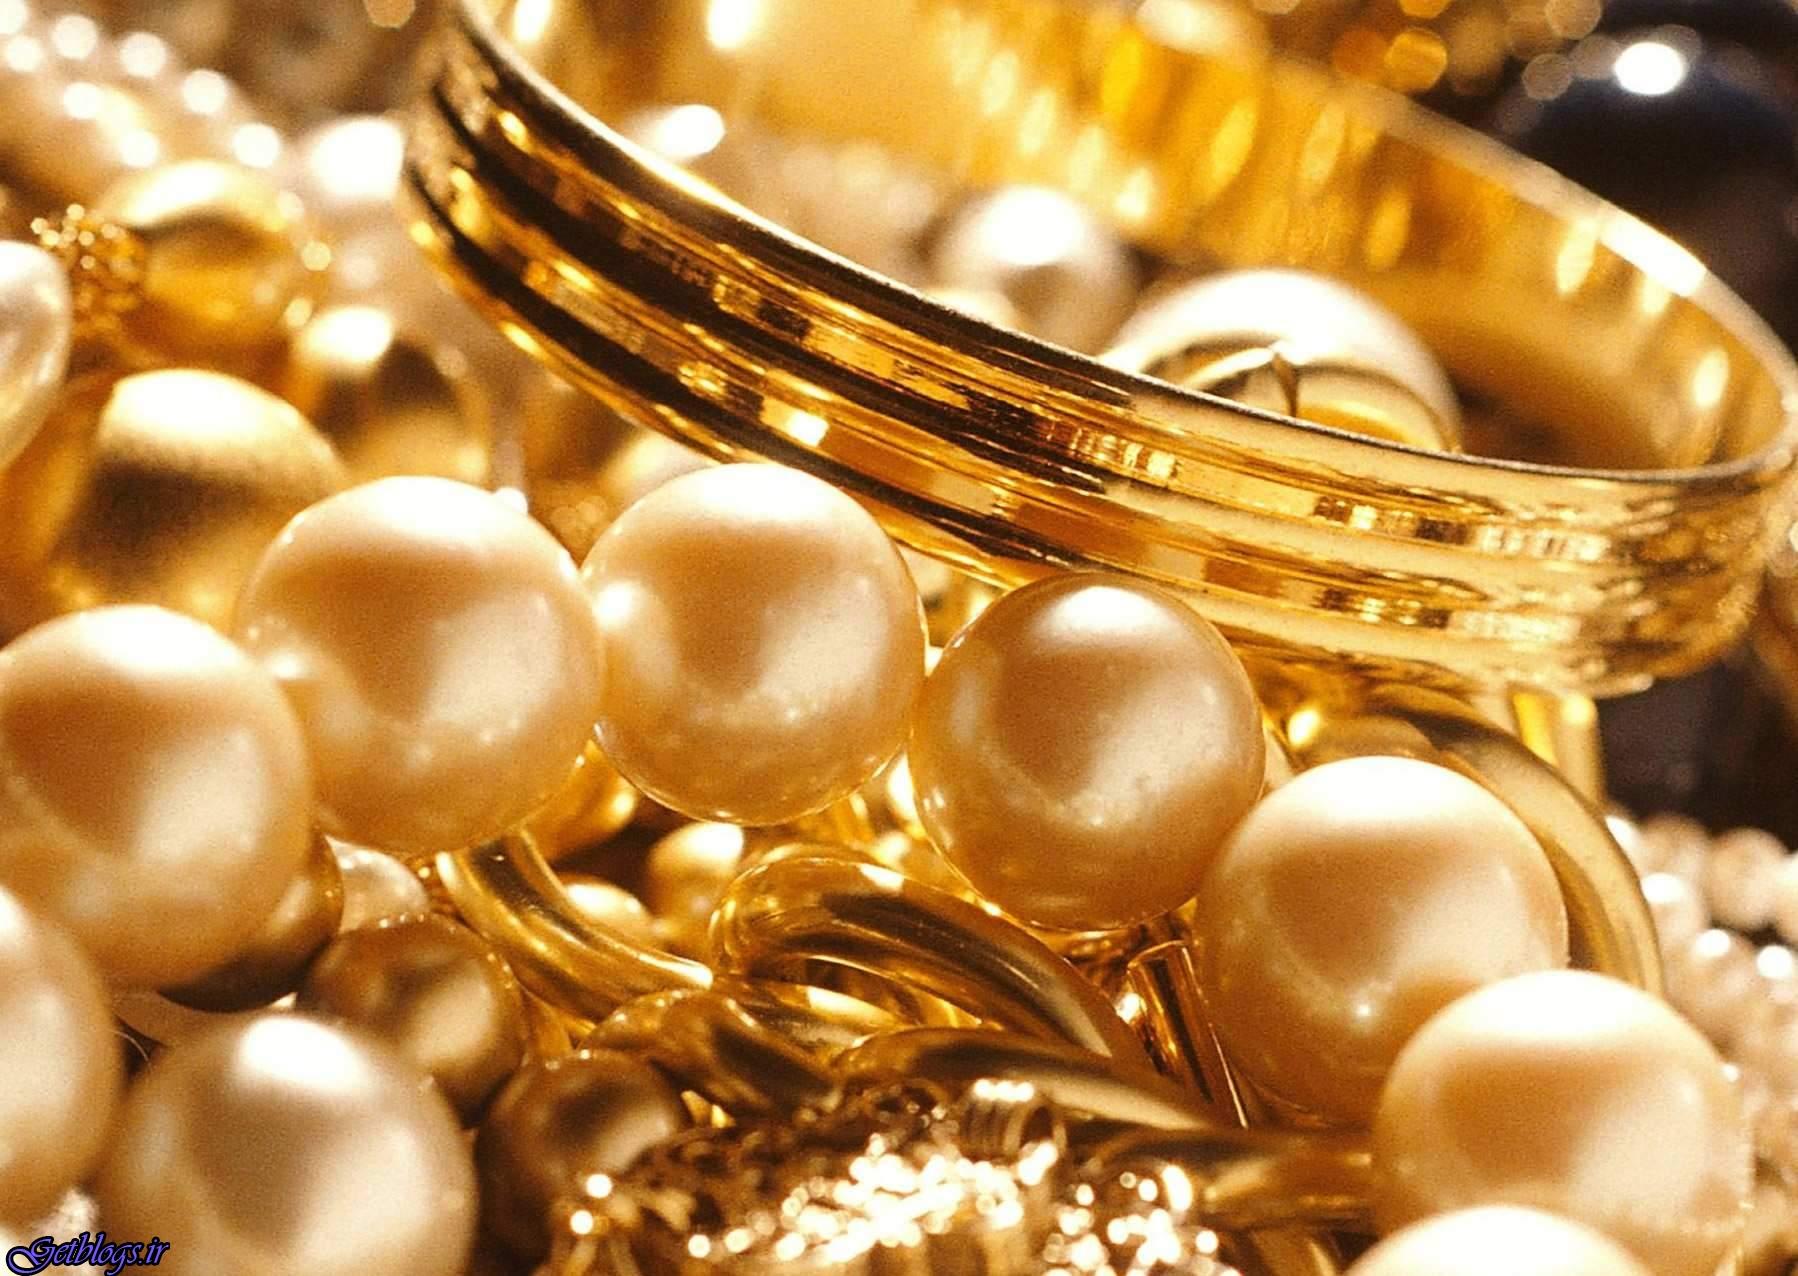 ۱۵ تن از این حجم طلا سکههای پیش فروش شده است است ، انباشت ۲۱۵ تن طلا در خانهها